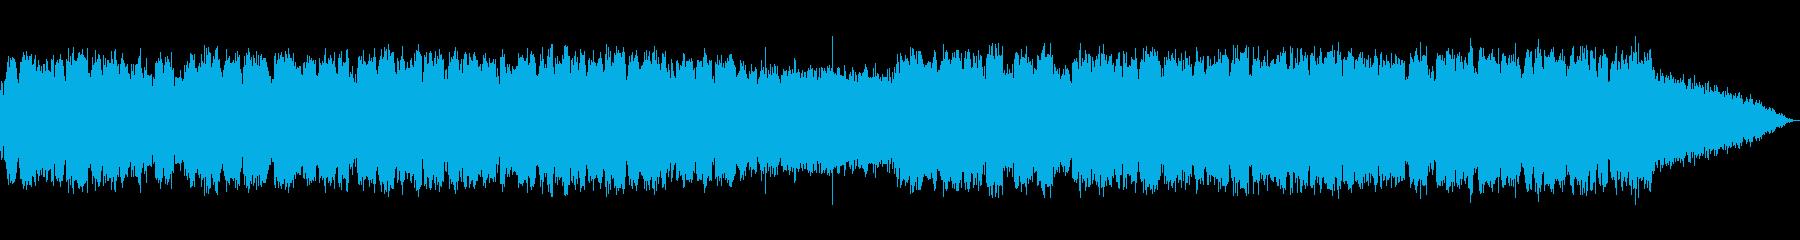 ひっそりとした静かな笛の音楽の再生済みの波形